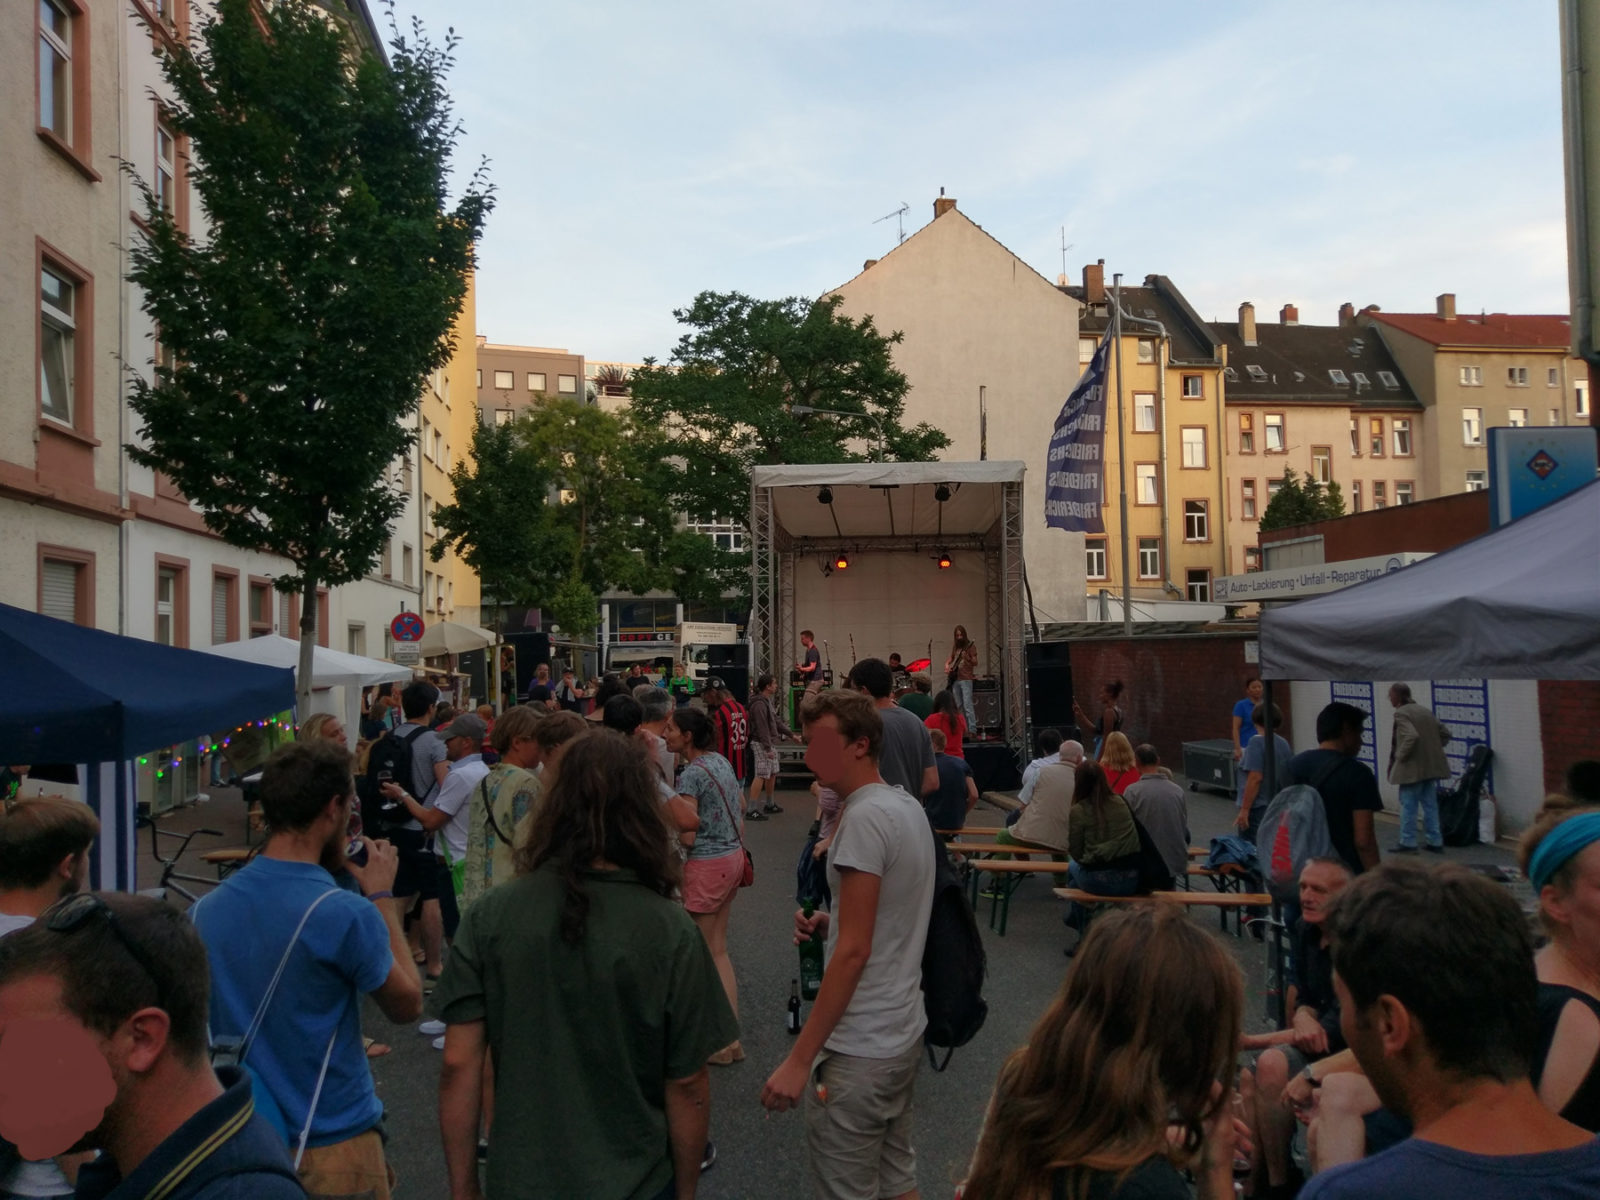 Totale über das Straßenfest. Im Vordergrund etliche Besucher von hinten, im Hintergrund vor den Besuchern die Bühne mit Hazard Dawn